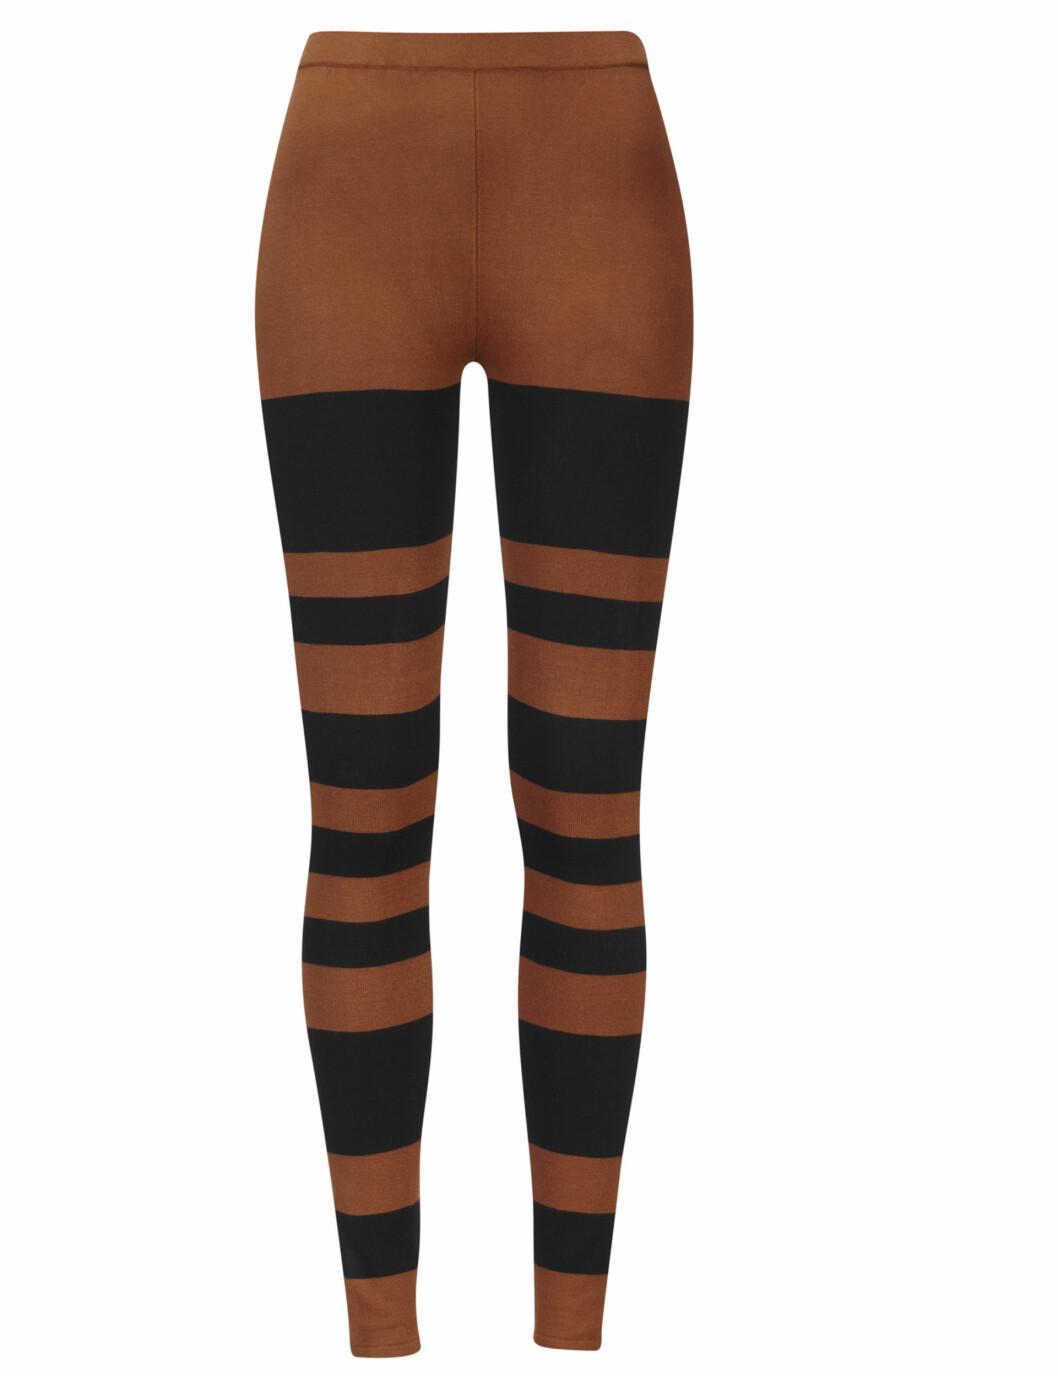 Leggings med horisontale striper (kr.199). Foto: Produsenten